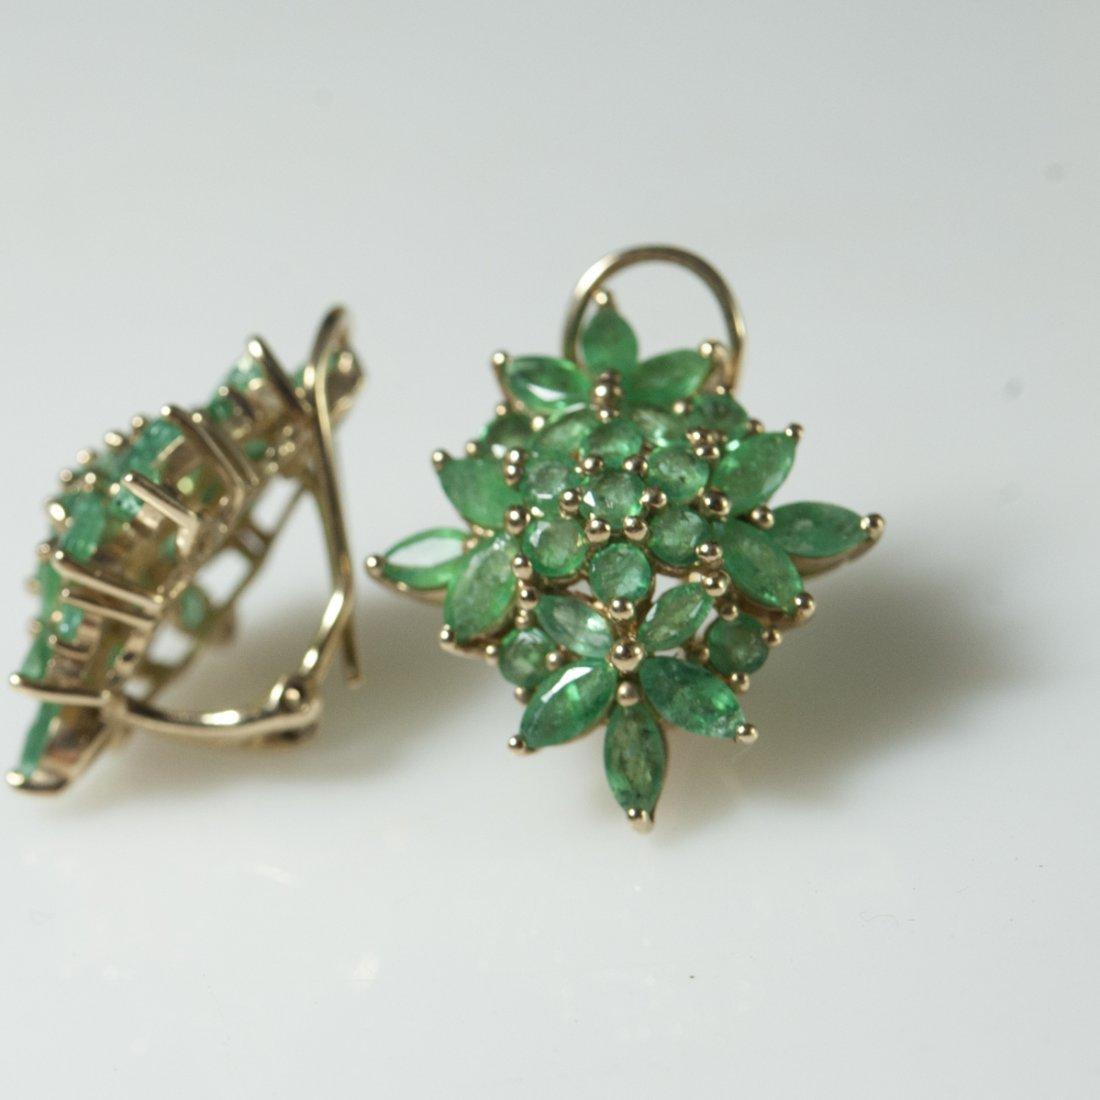 10kt Gold & Emerald Earrings - 2